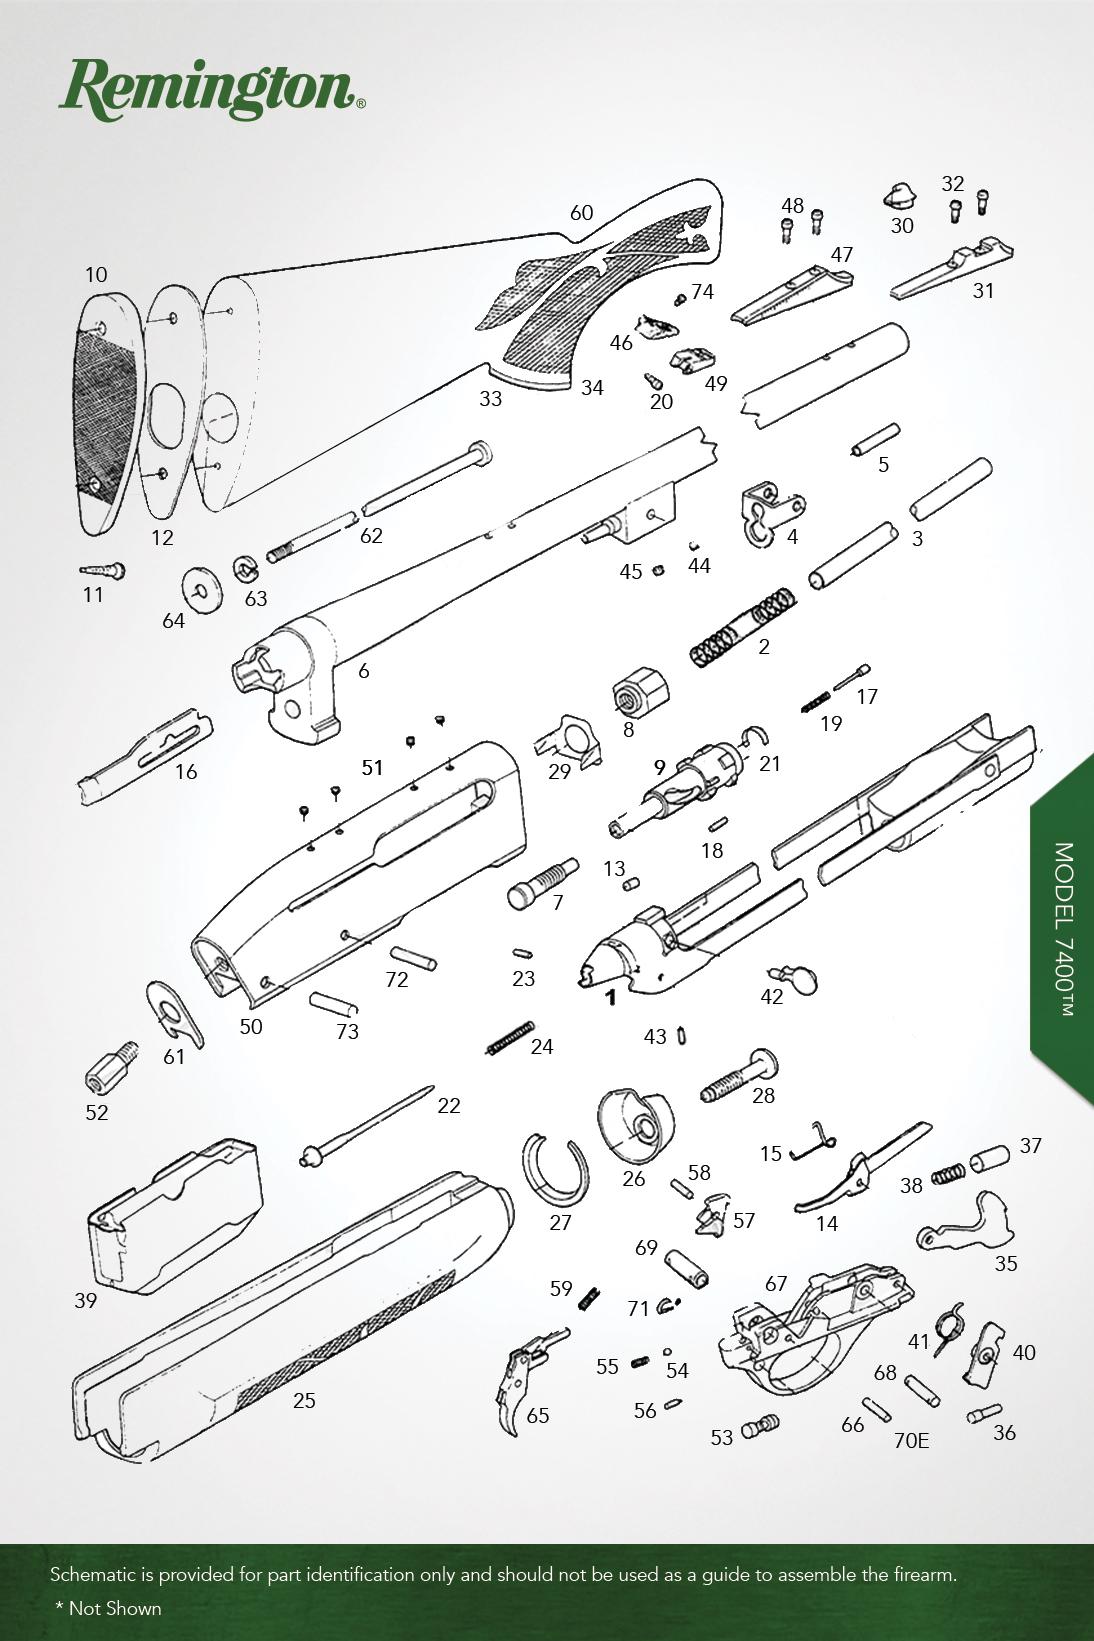 Remington Model 700 Parts Diagram Centerfire Rifles Oem Store Gravelagency Com